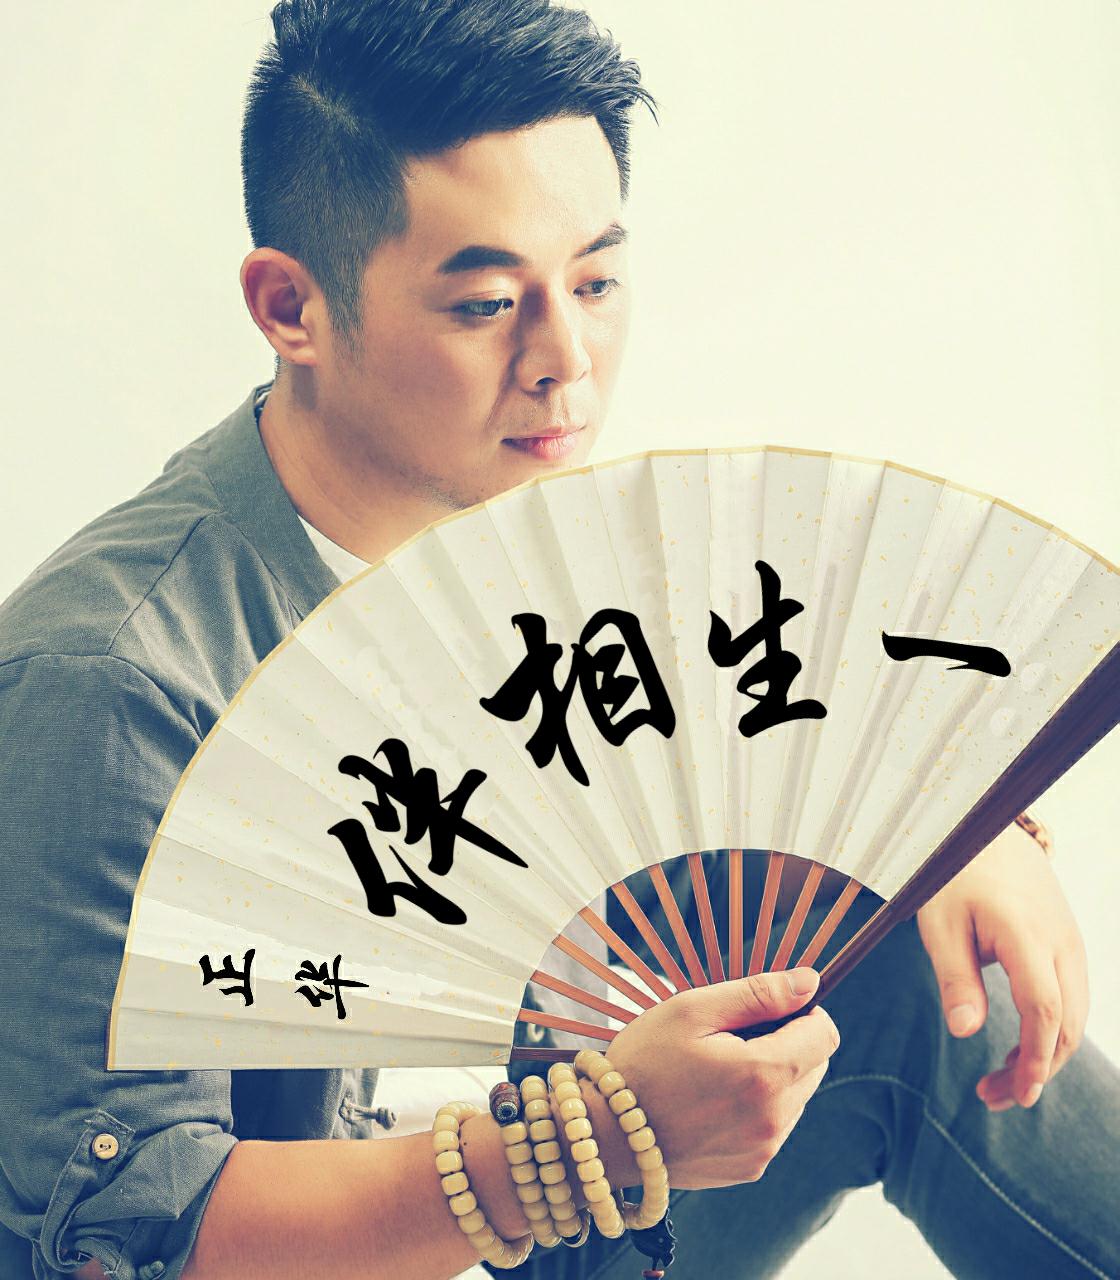 一生相伴 - 维音唱片发行部 - 5SING中国原创音